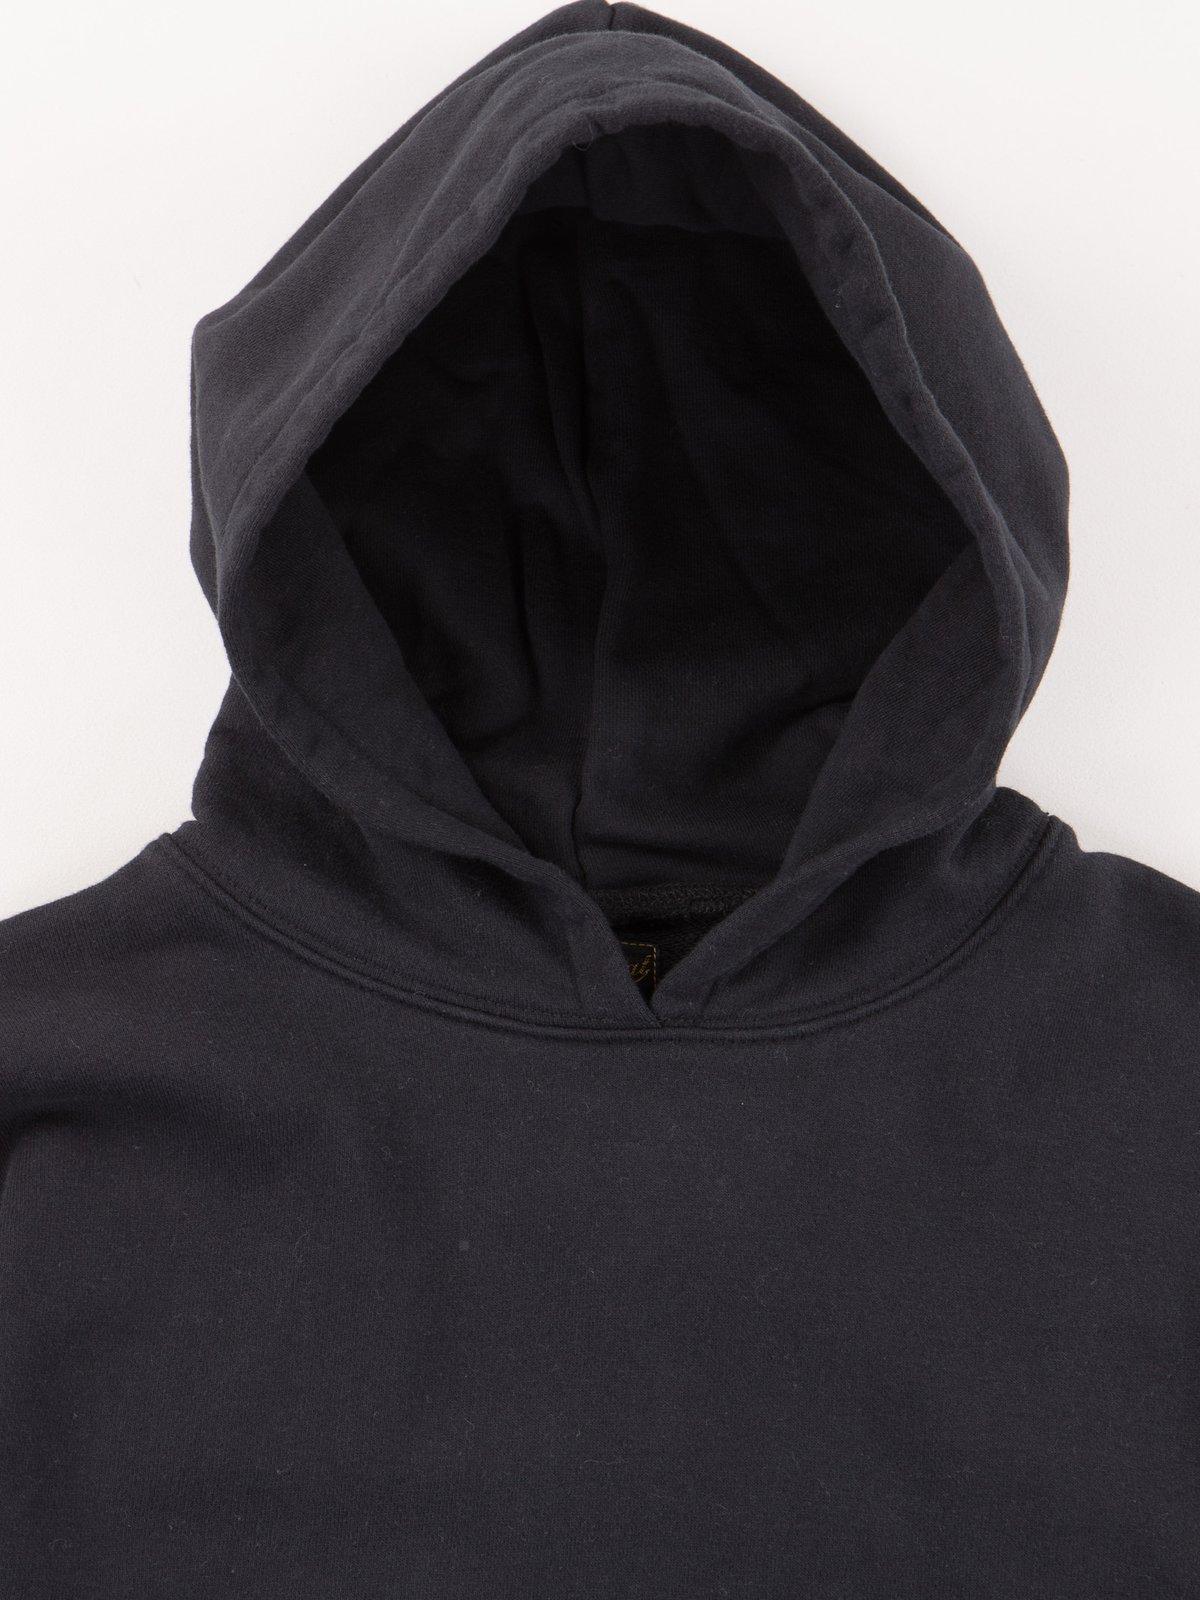 Black Gusset Pullover Parka - Image 5